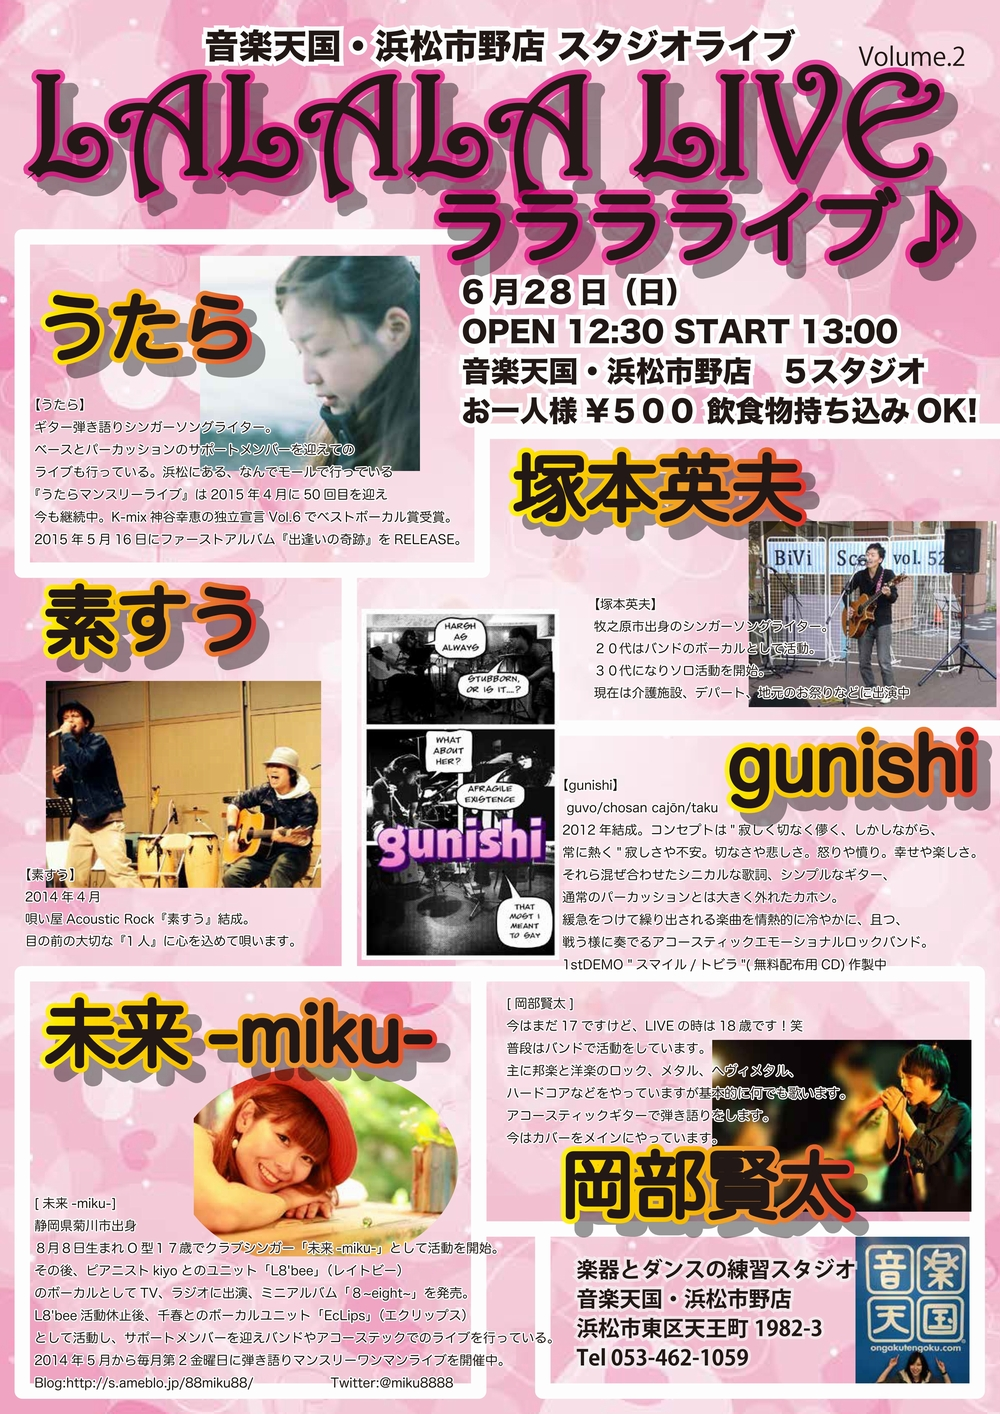 【スタジオライブ・ラララライブ】@音楽天国・浜松市野店6月28日(日)好評開催!